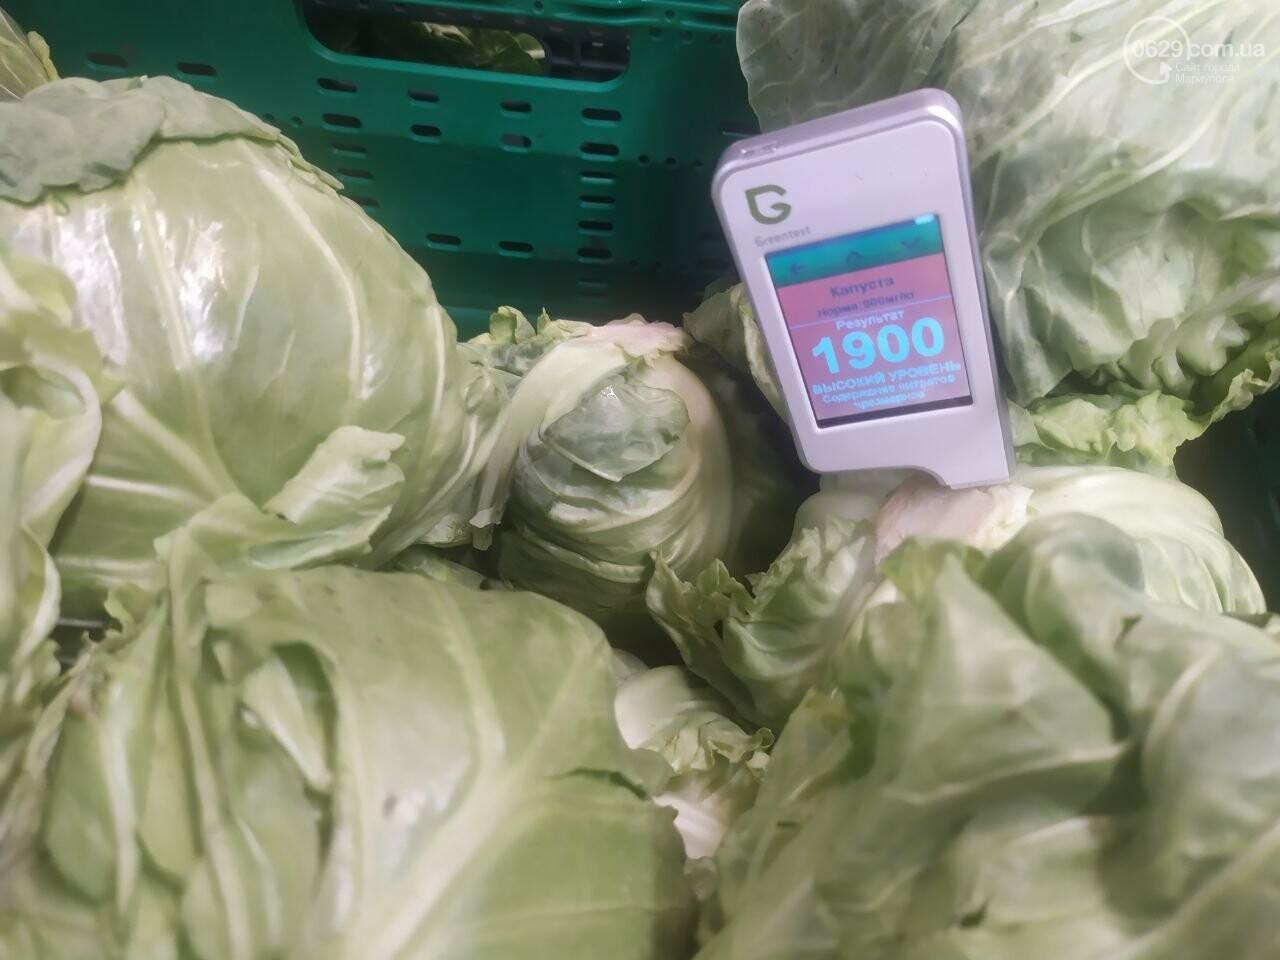 Осторожно, нитраты! В супермаркетах Мариуполя продают опасную редиску и капусту, - ФОТО, фото-12